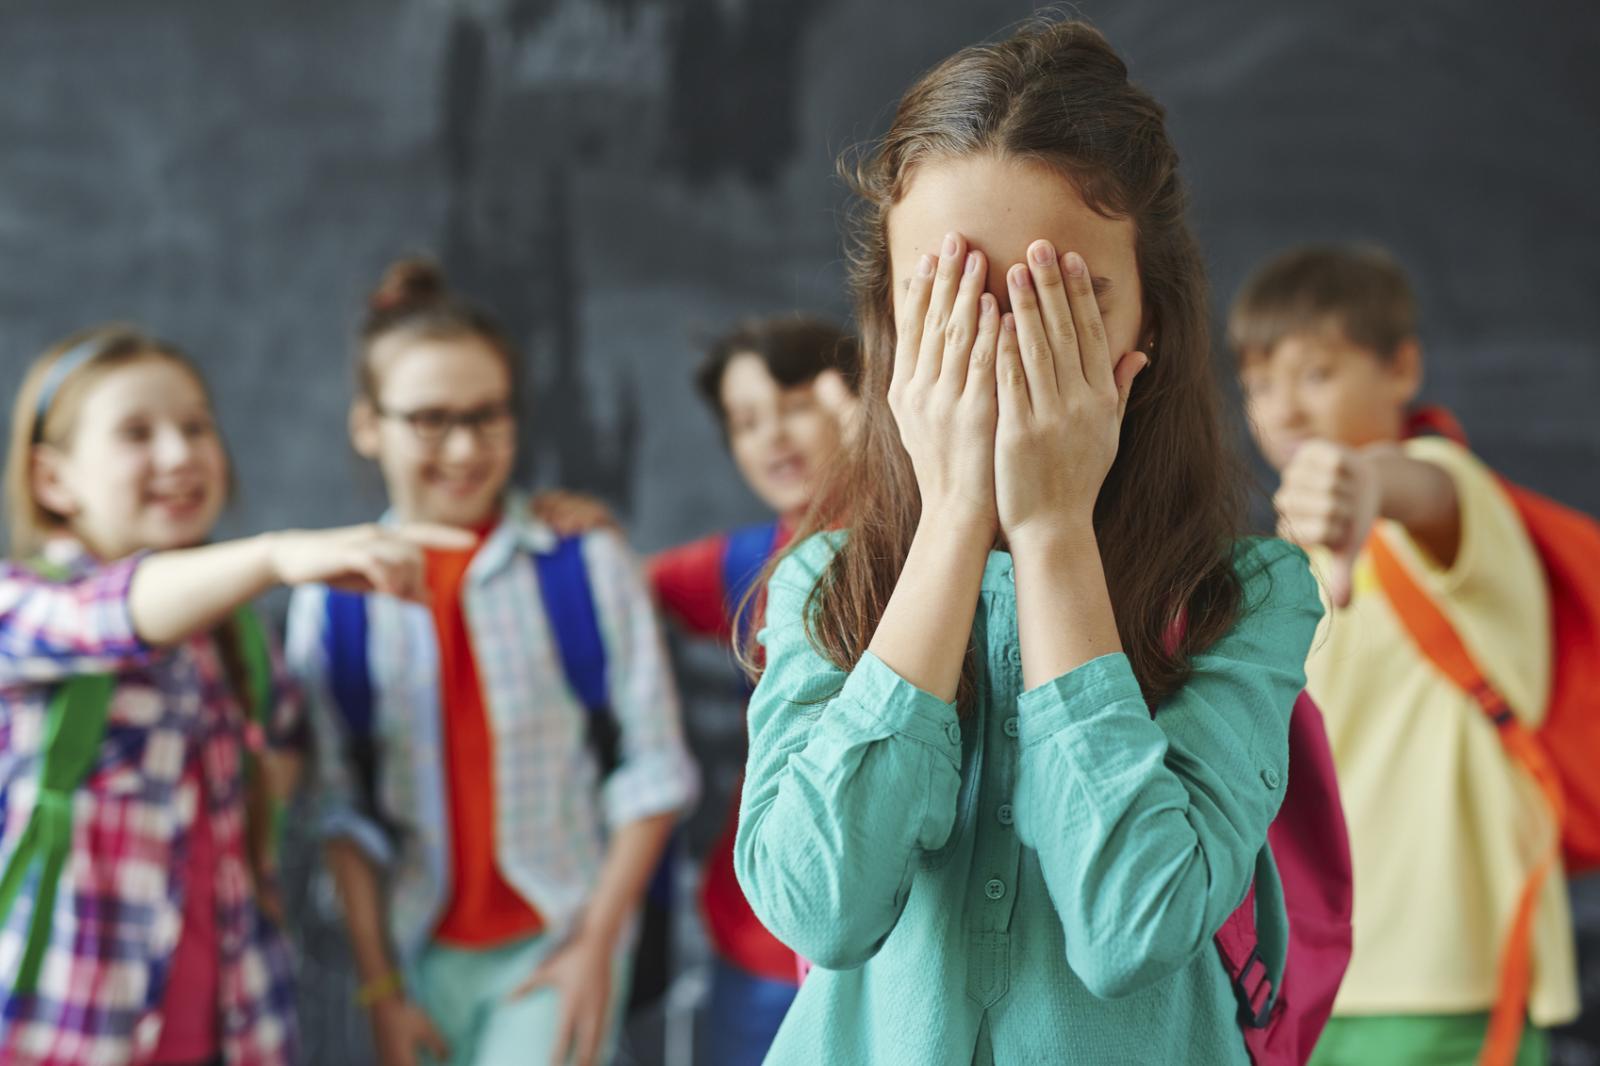 Djeca su u školama sve češće predmet ismijavanja zbog stvari koje imaju, odnosno nemaju.